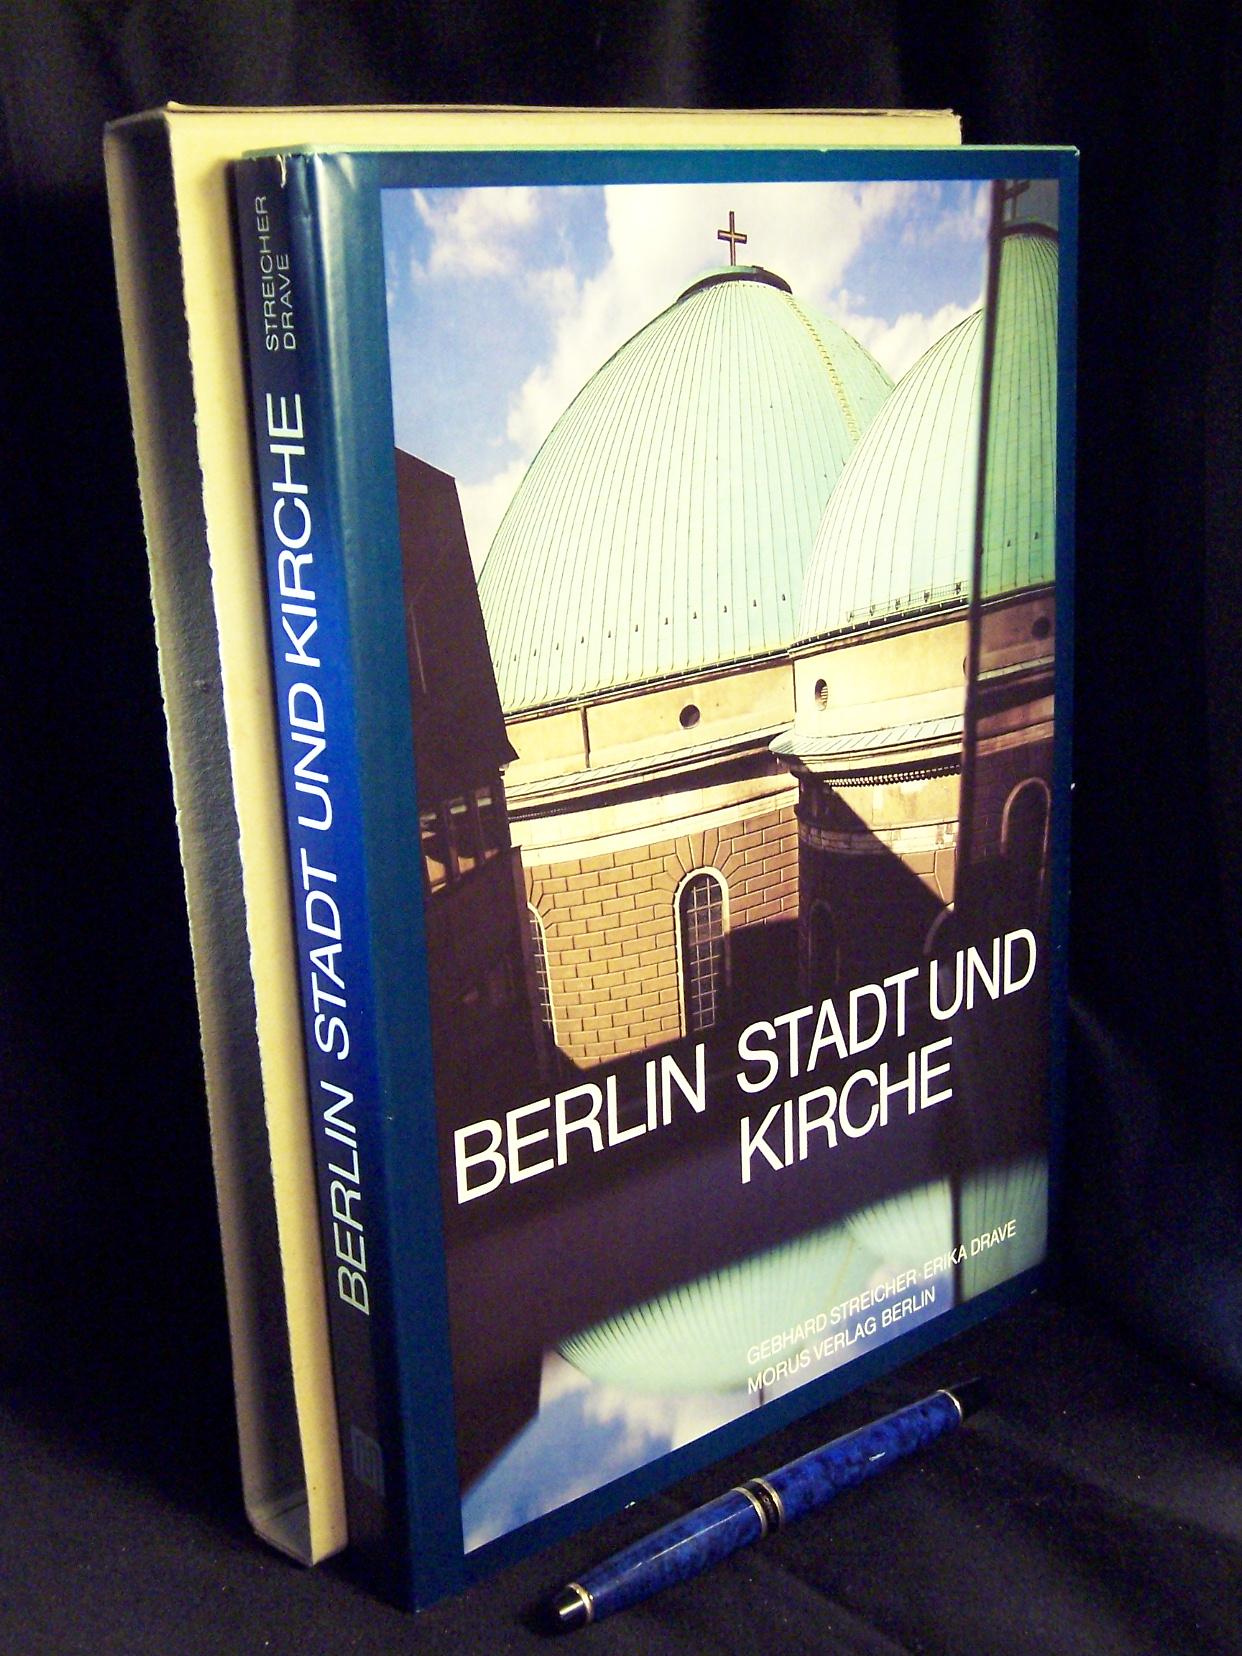 Berlin - Stadt und Kirche - Streicher, Gebhard und Erika Drave